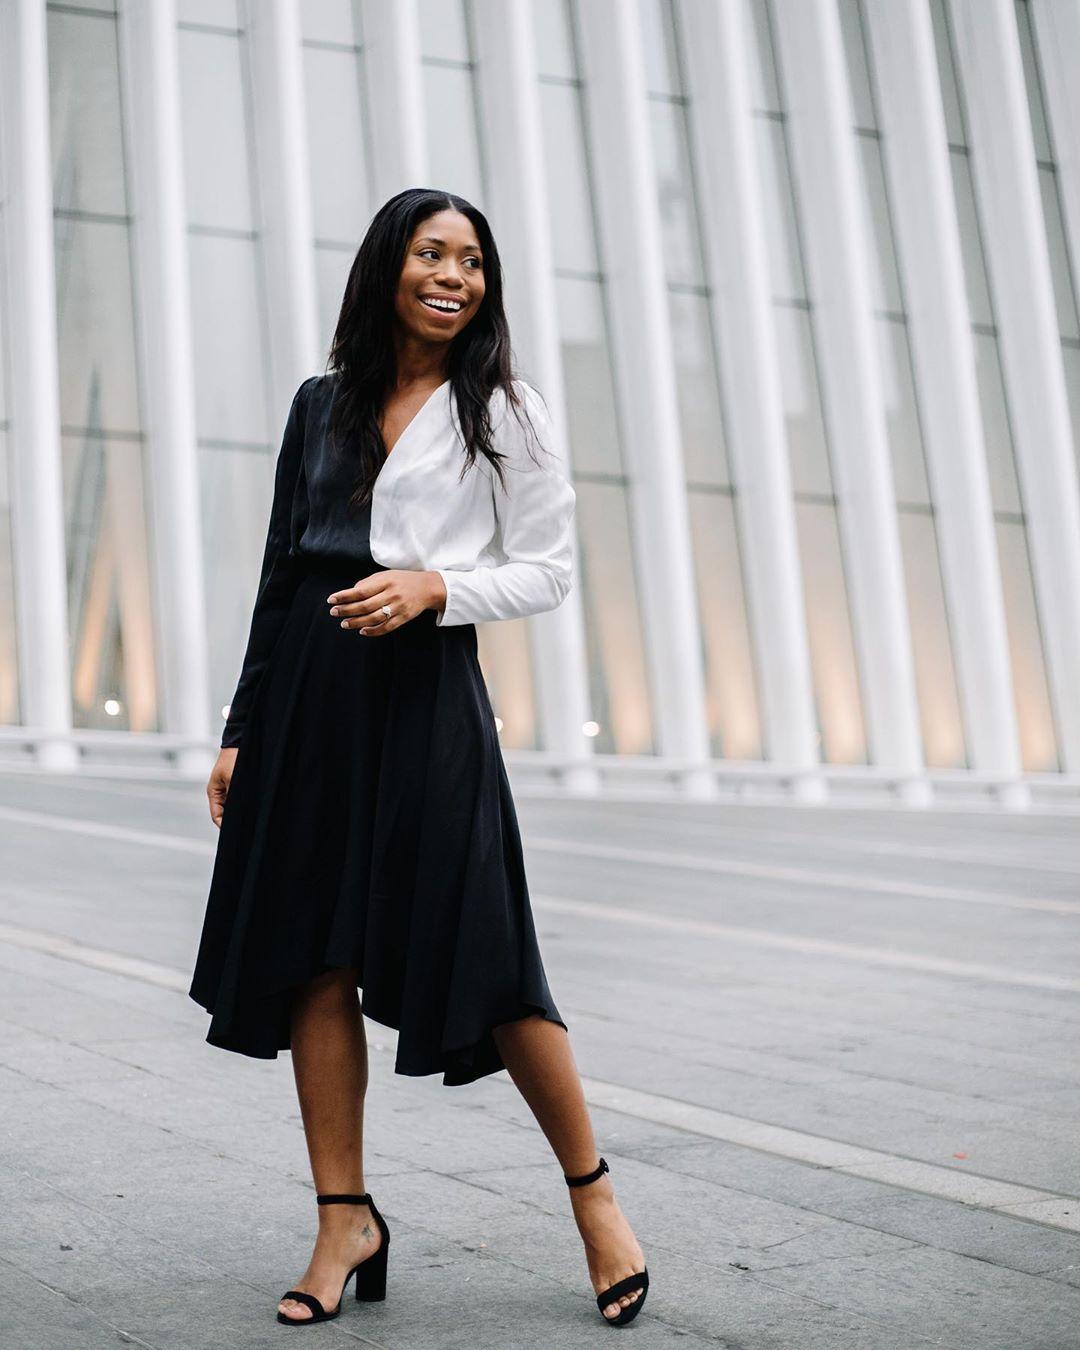 top black and white top black and white long sleeves black skirt midi skirt asymmetrical skirt black sandals